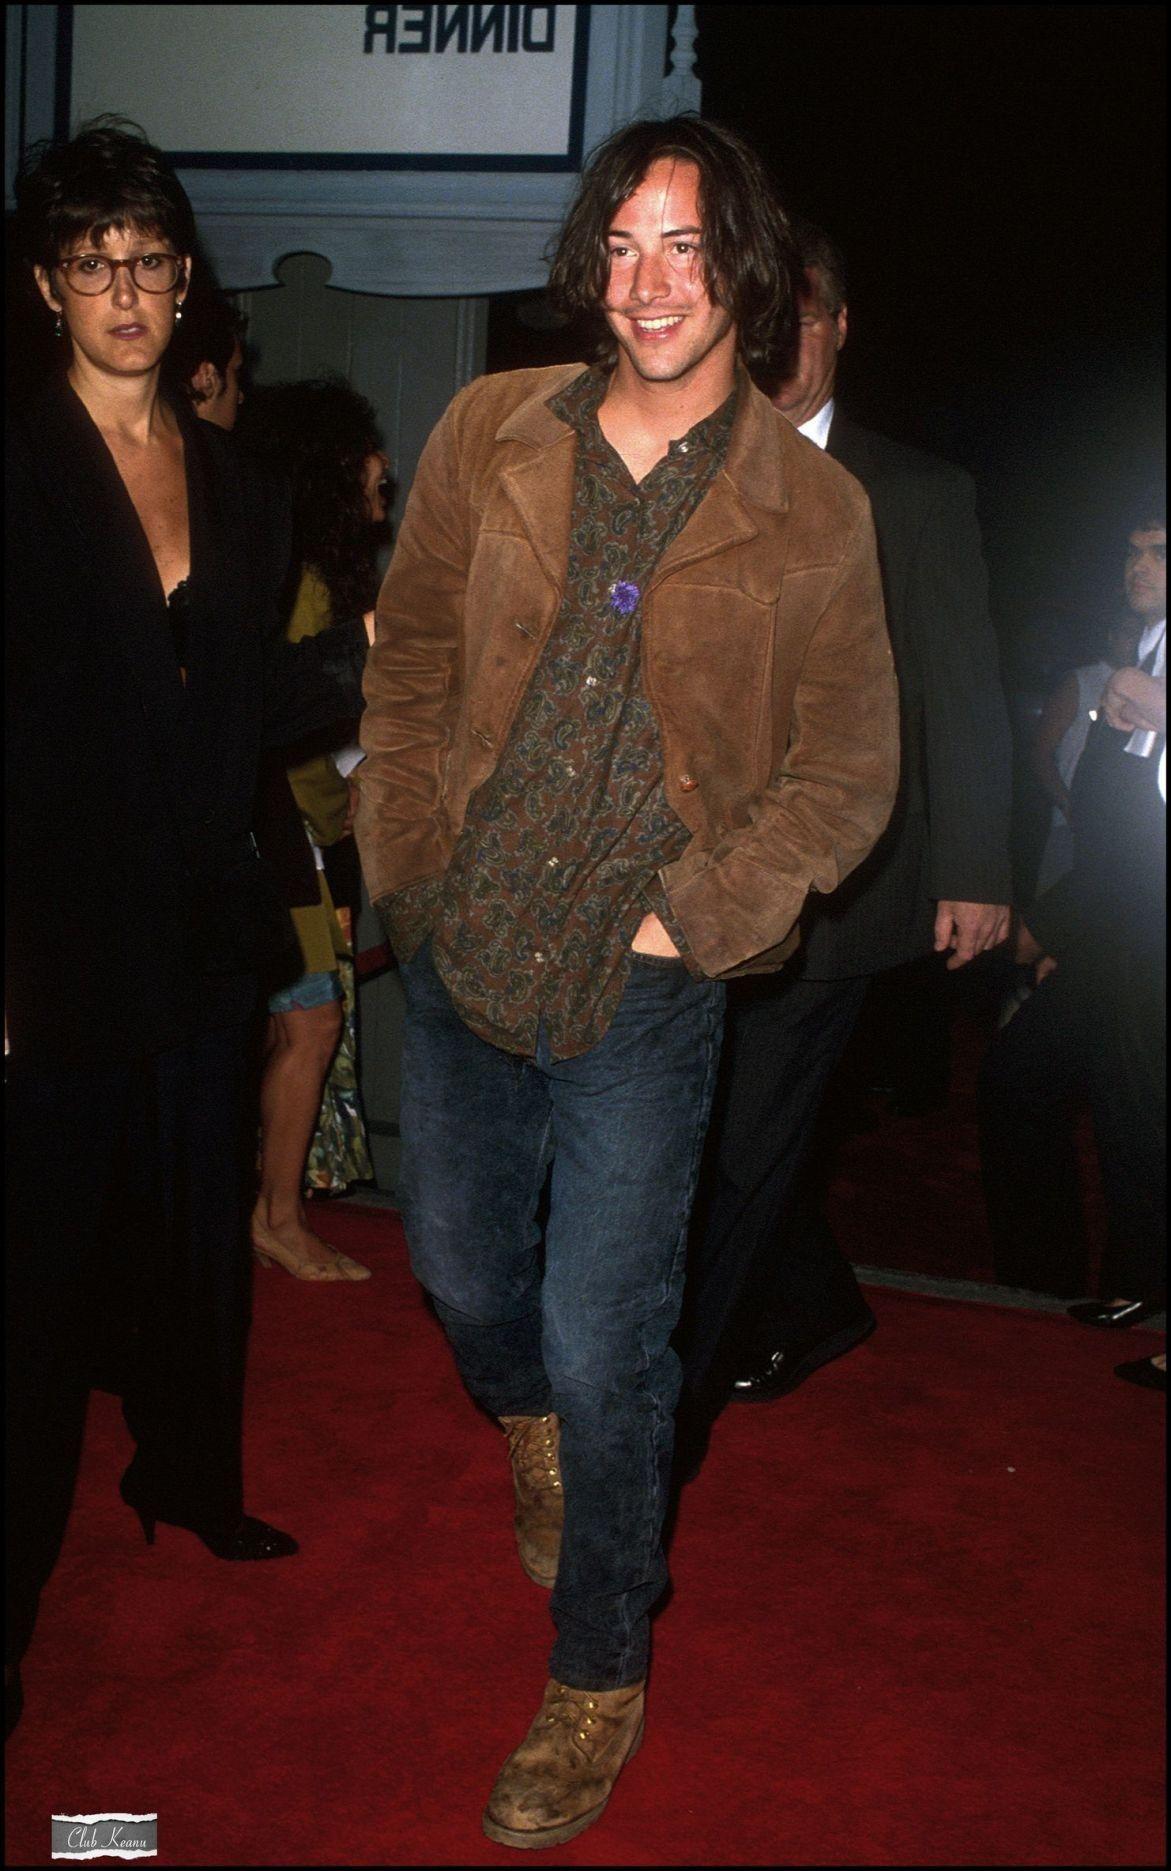 Keanu Reeves Point Break Premiere Keanu reeves young